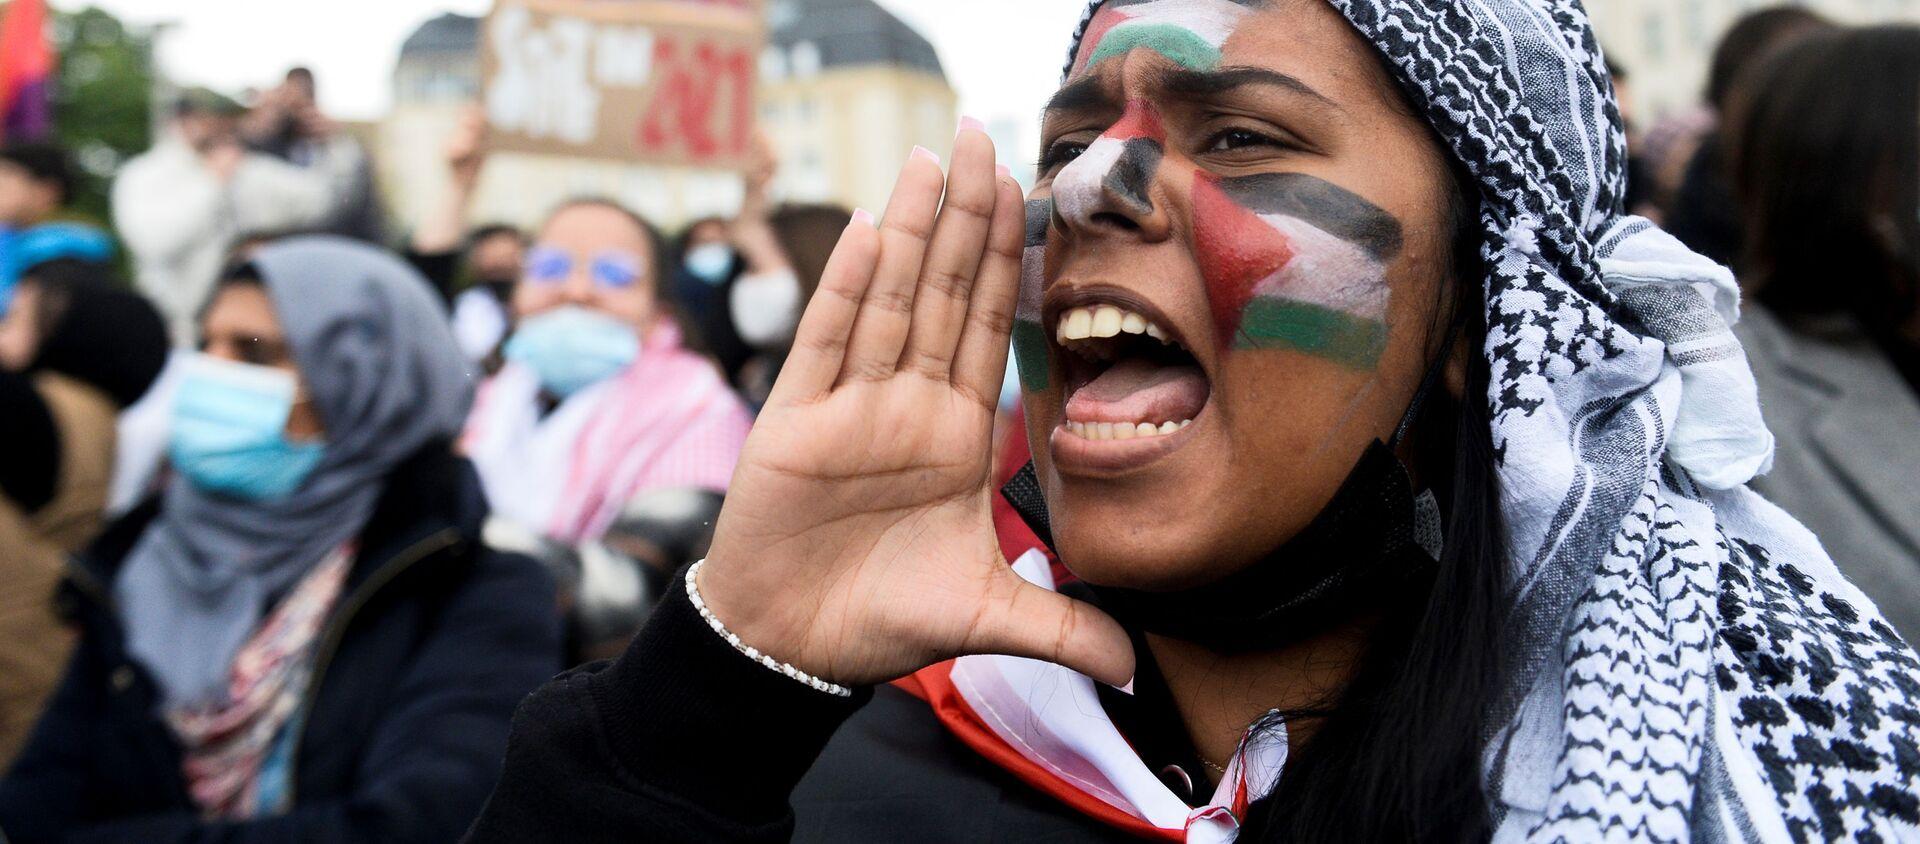 Demonstracja zwolenników Palestyny w Belgii - Sputnik Polska, 1920, 19.05.2021